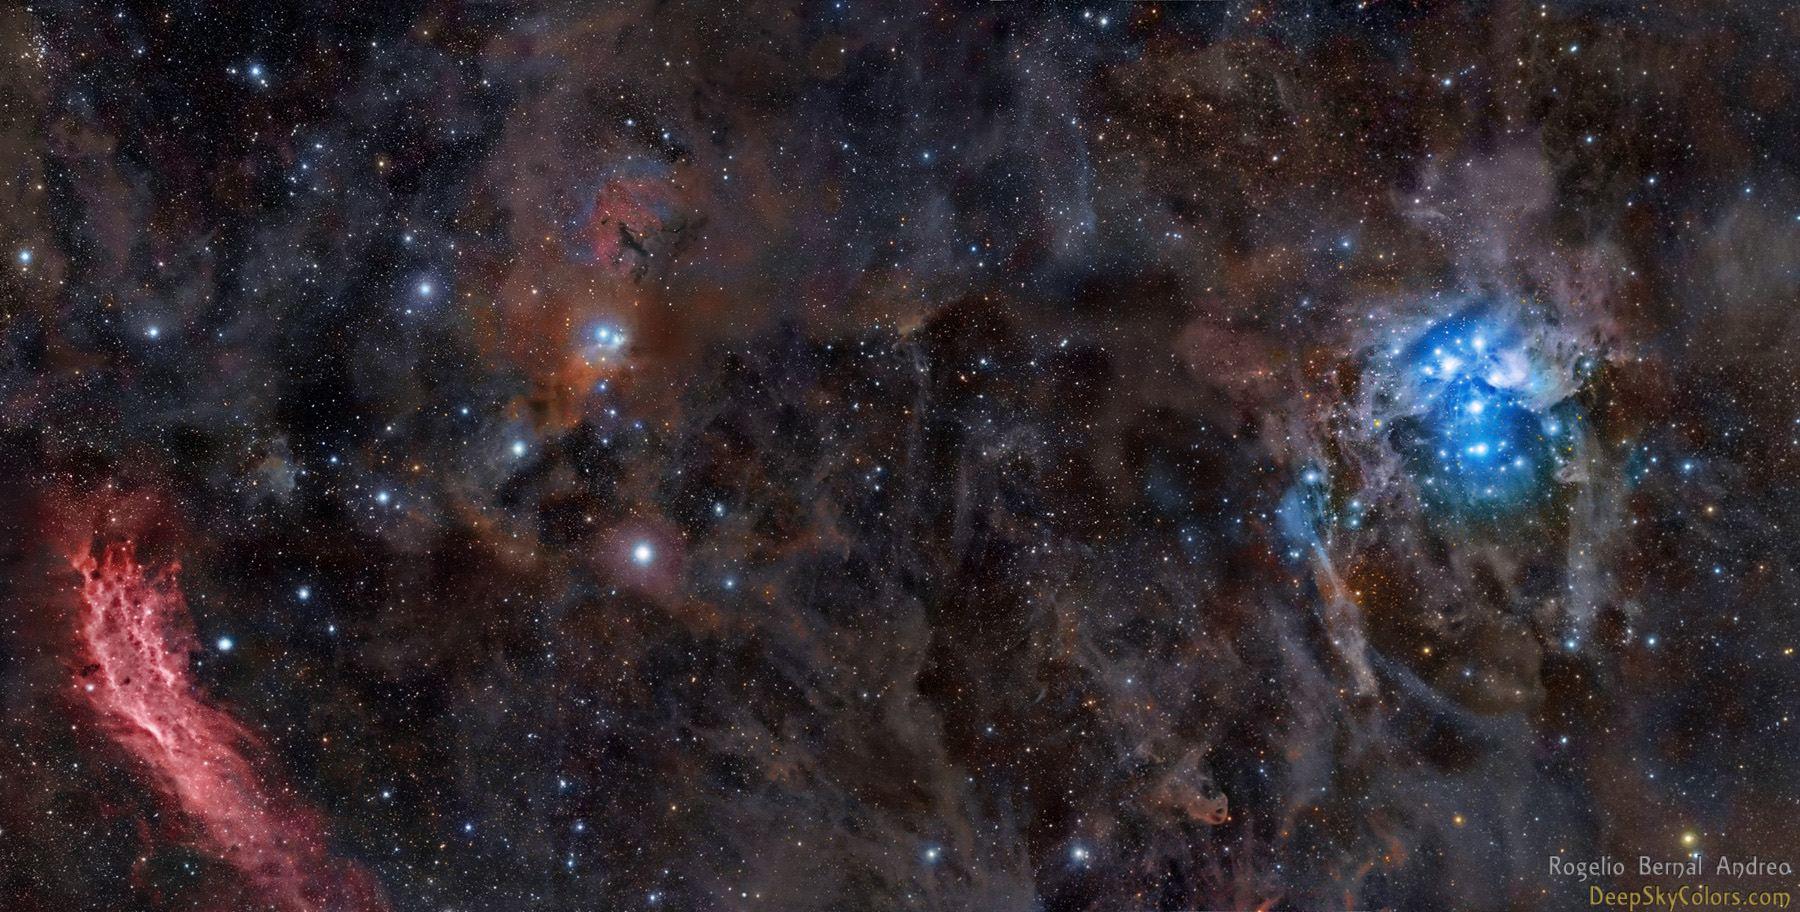 Снимок туманности Калифорния и рассеянного скопления Плеяды. Автор Rogelio Bernal